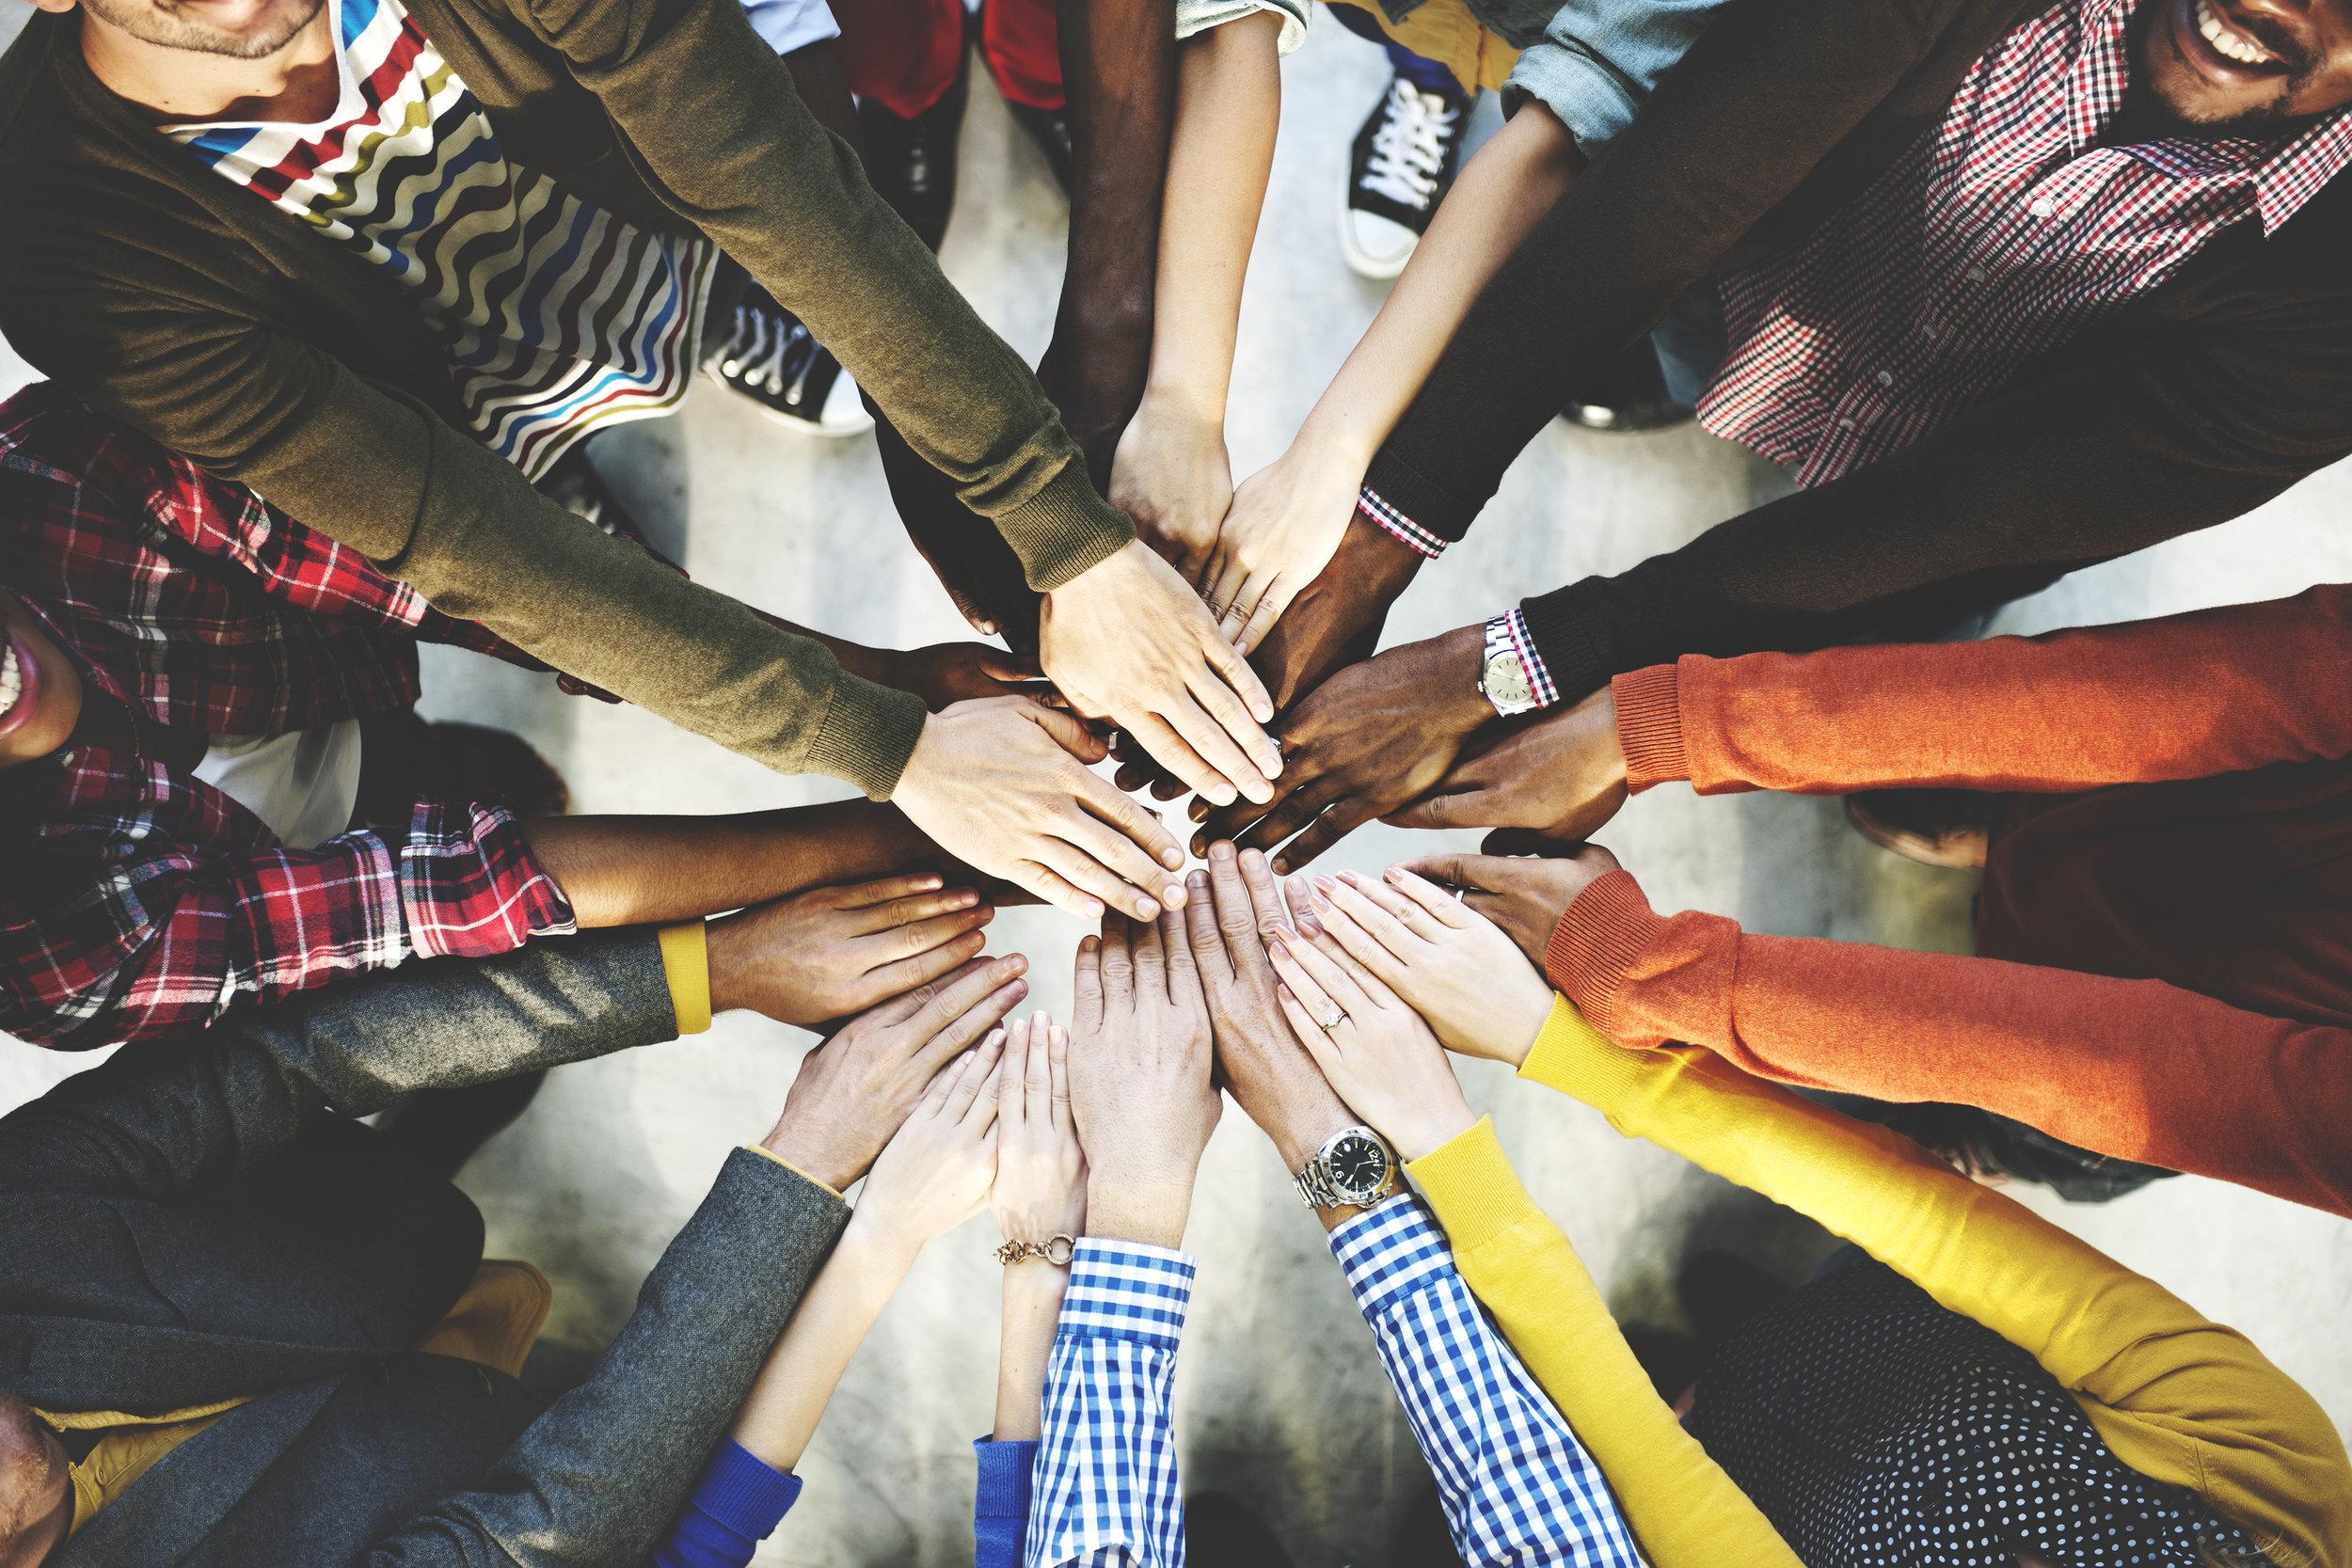 bigstock-Group-of-Diverse-Hands-Togethe-109645244.jpg